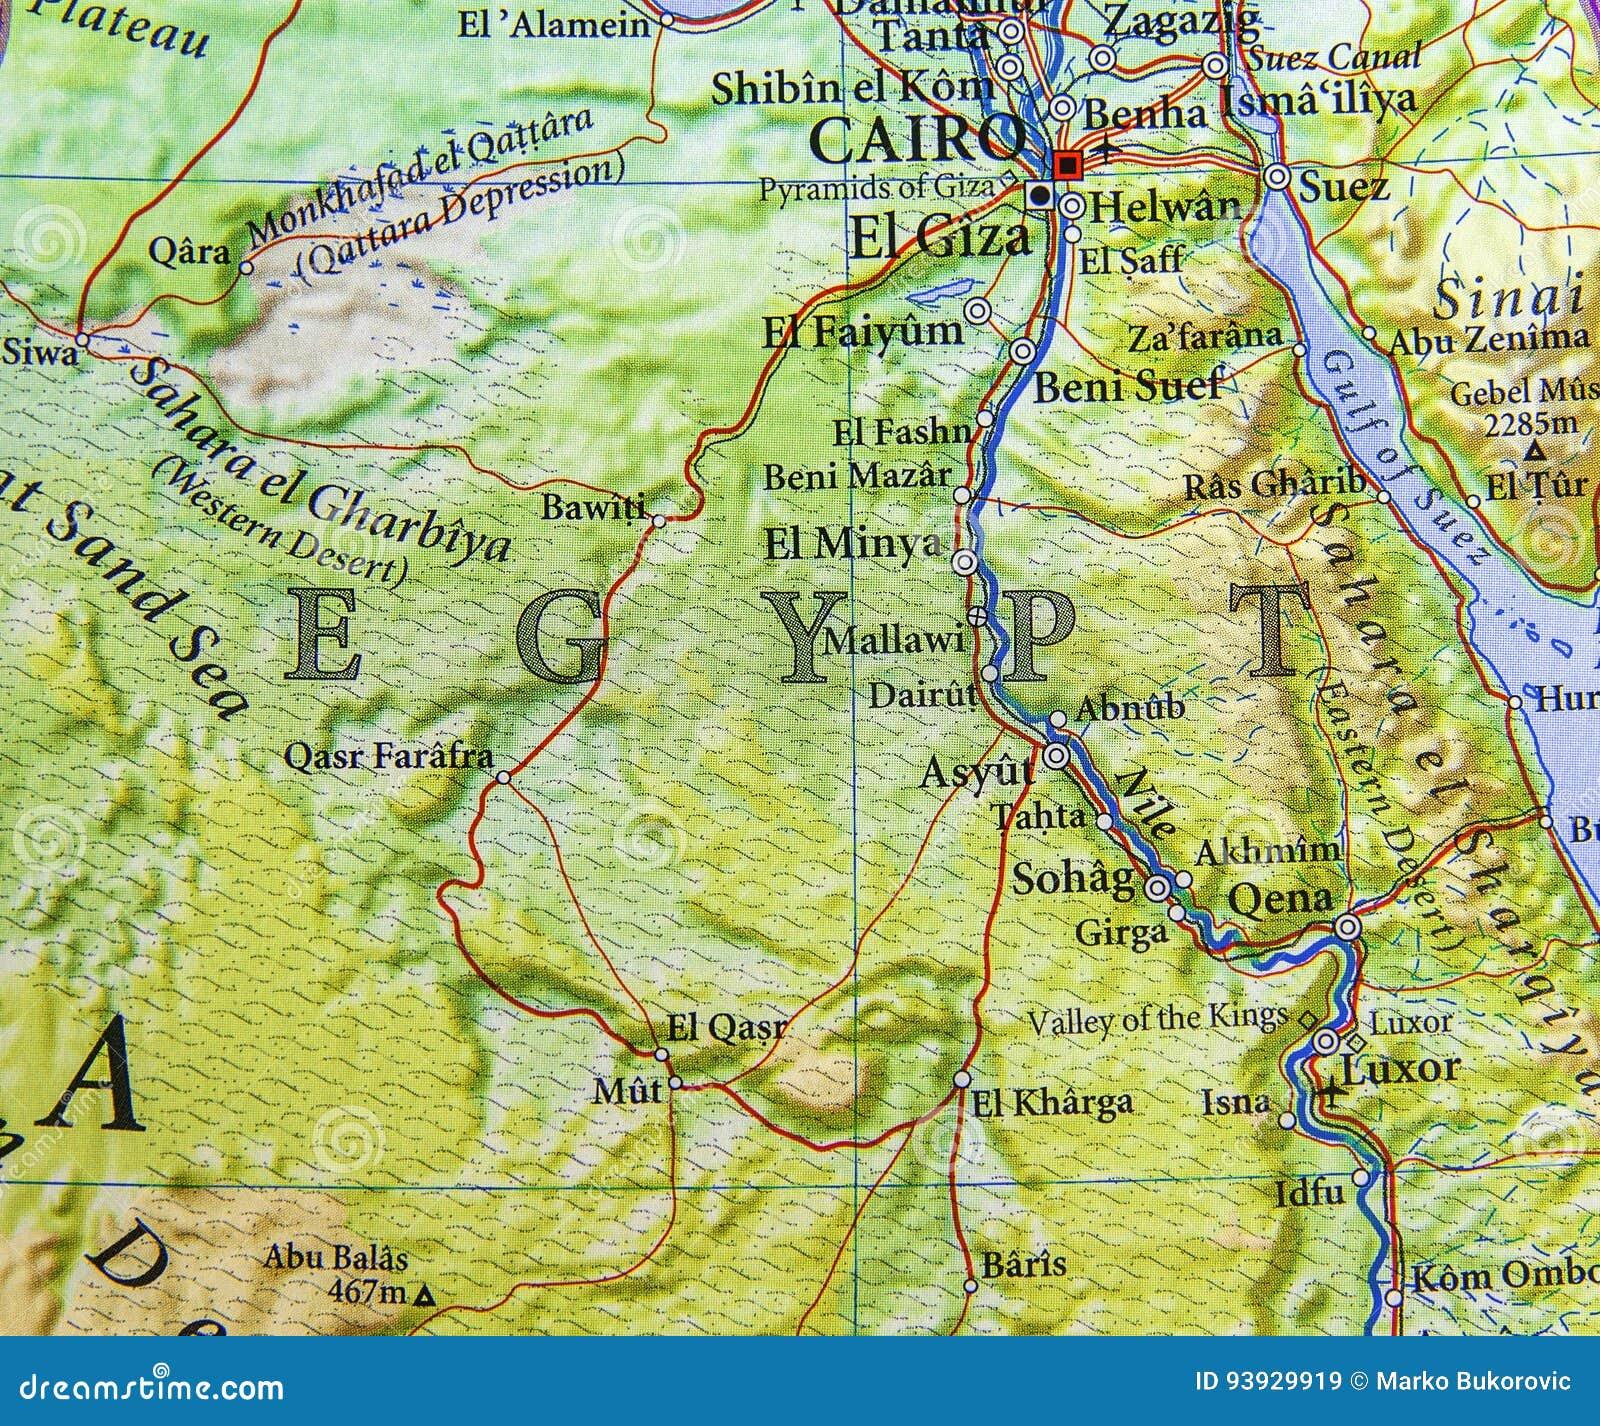 Cartina Egitto In Italiano.Mappa Geografica Dell Egitto Con Le Citta Importanti Immagine Stock Immagine Di Importante Politicamente 93929919